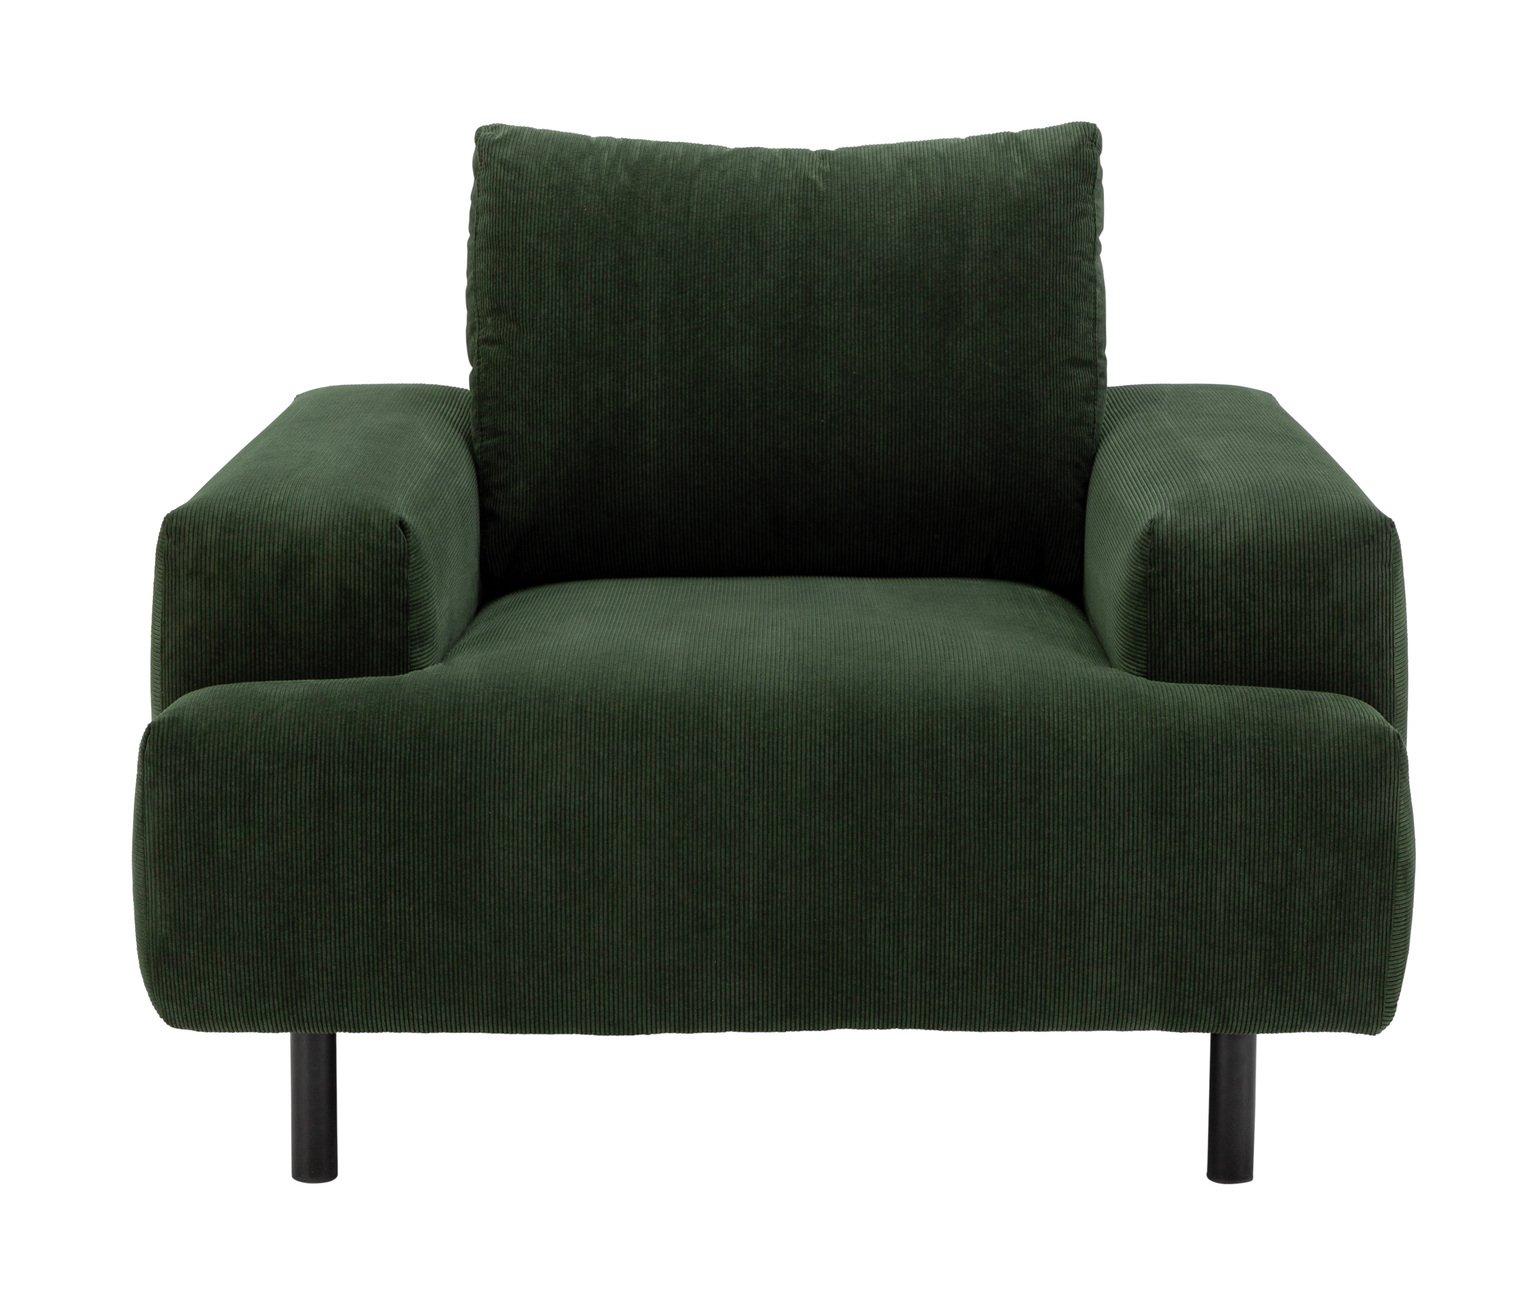 Habitat Julien Fabric Armchair - Green